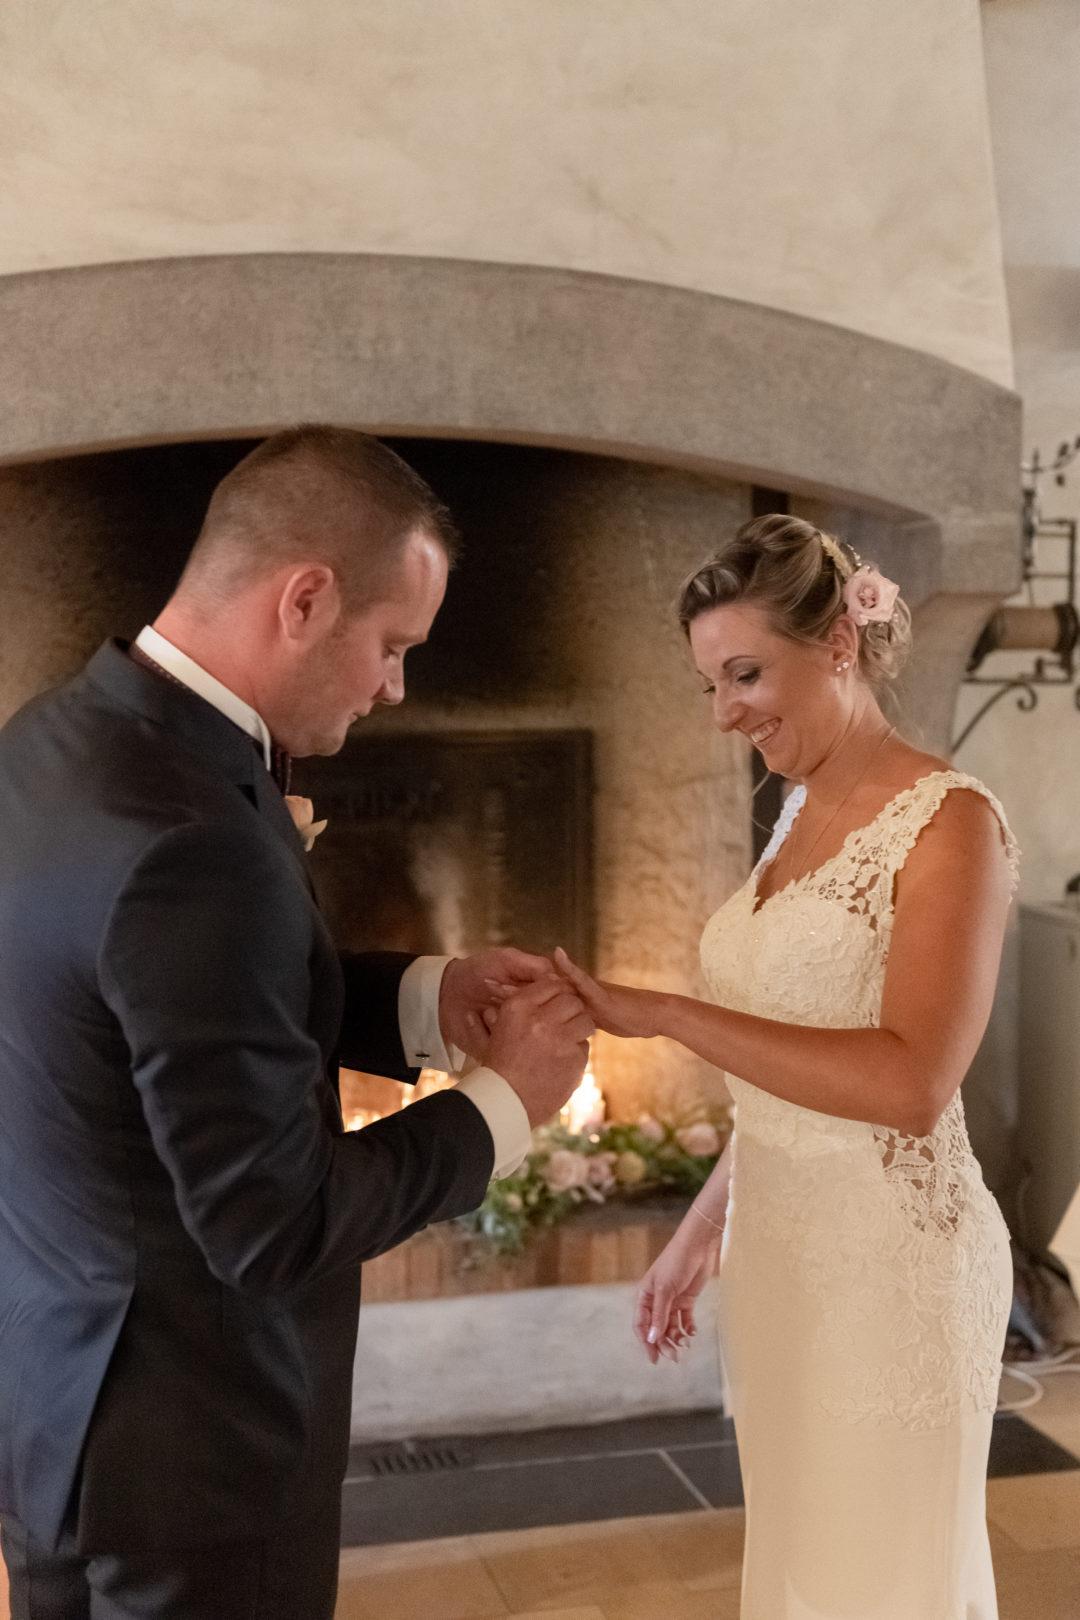 Echange des alliances à la cérémonie du mariage. Géraldine wedding planner. Wedding planner suisse